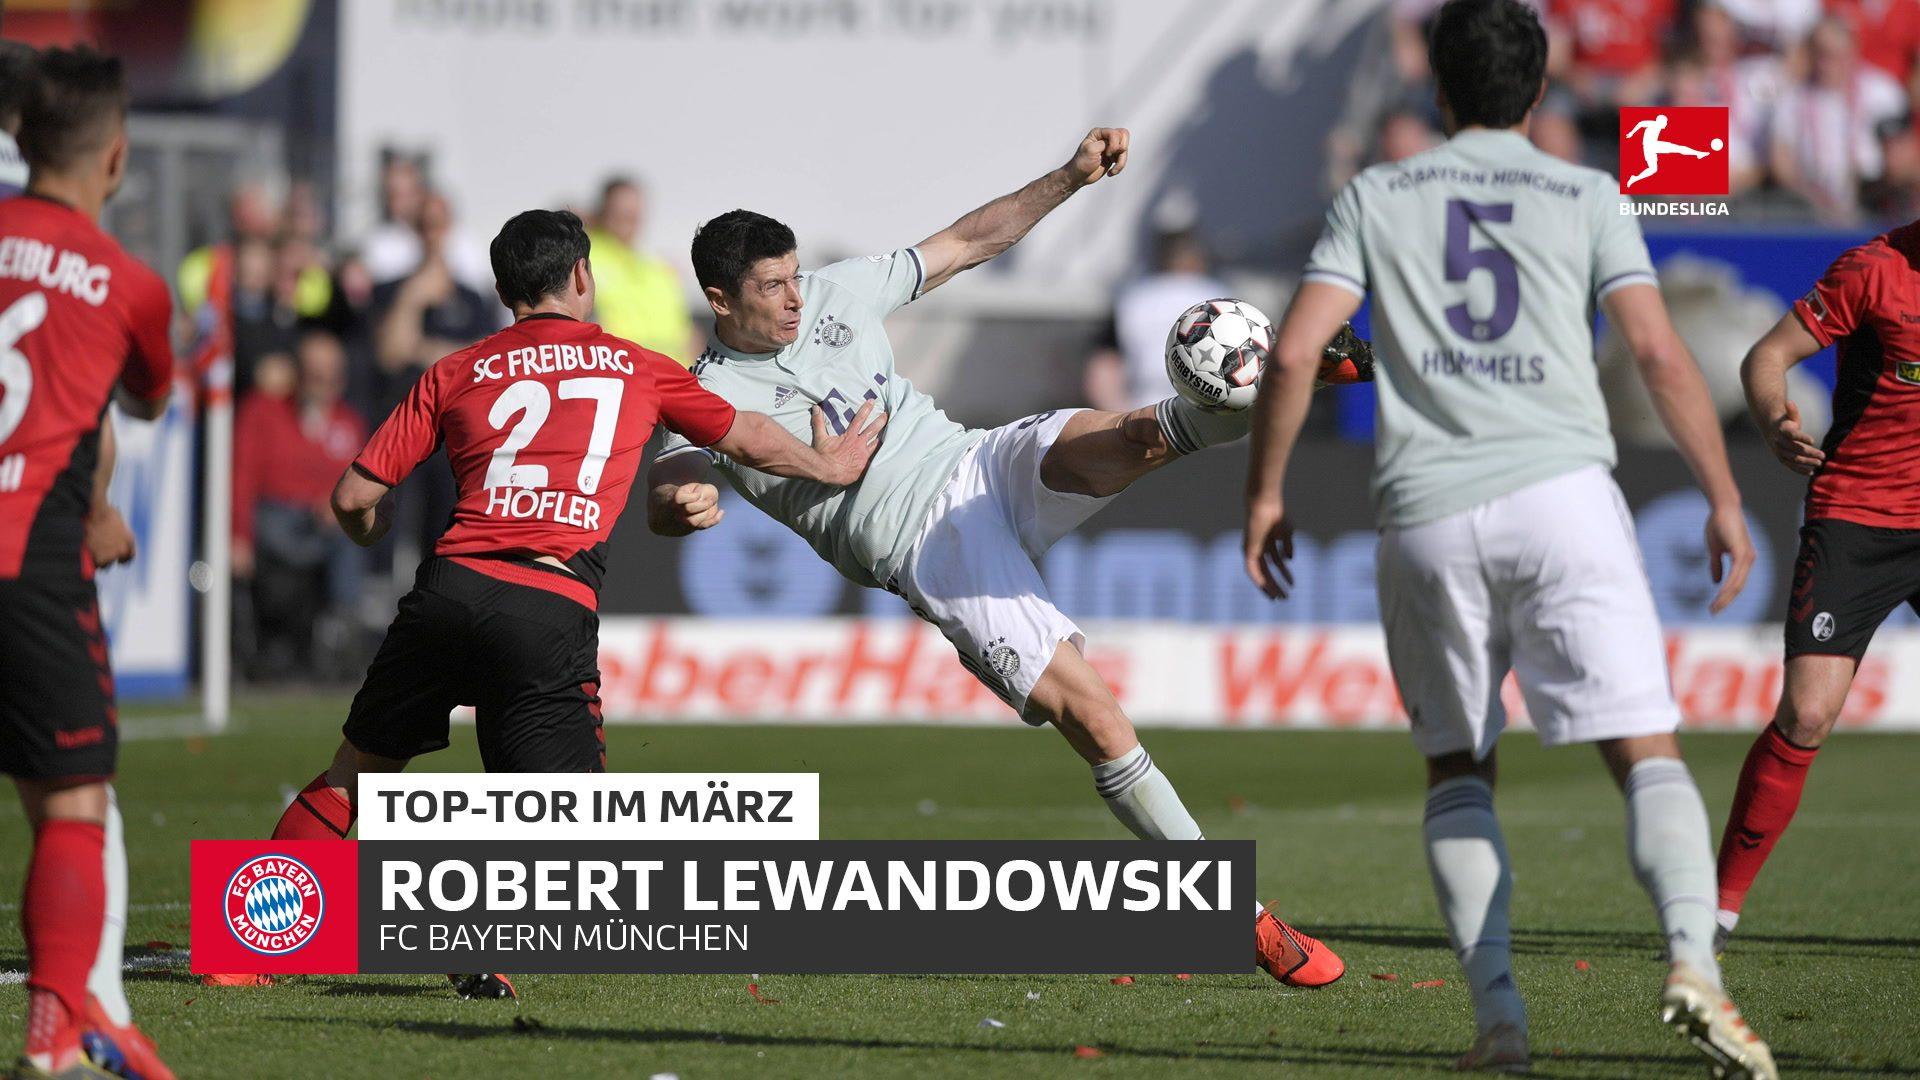 Bayern-Star Lewandowski erzielt das Top-Tor im März